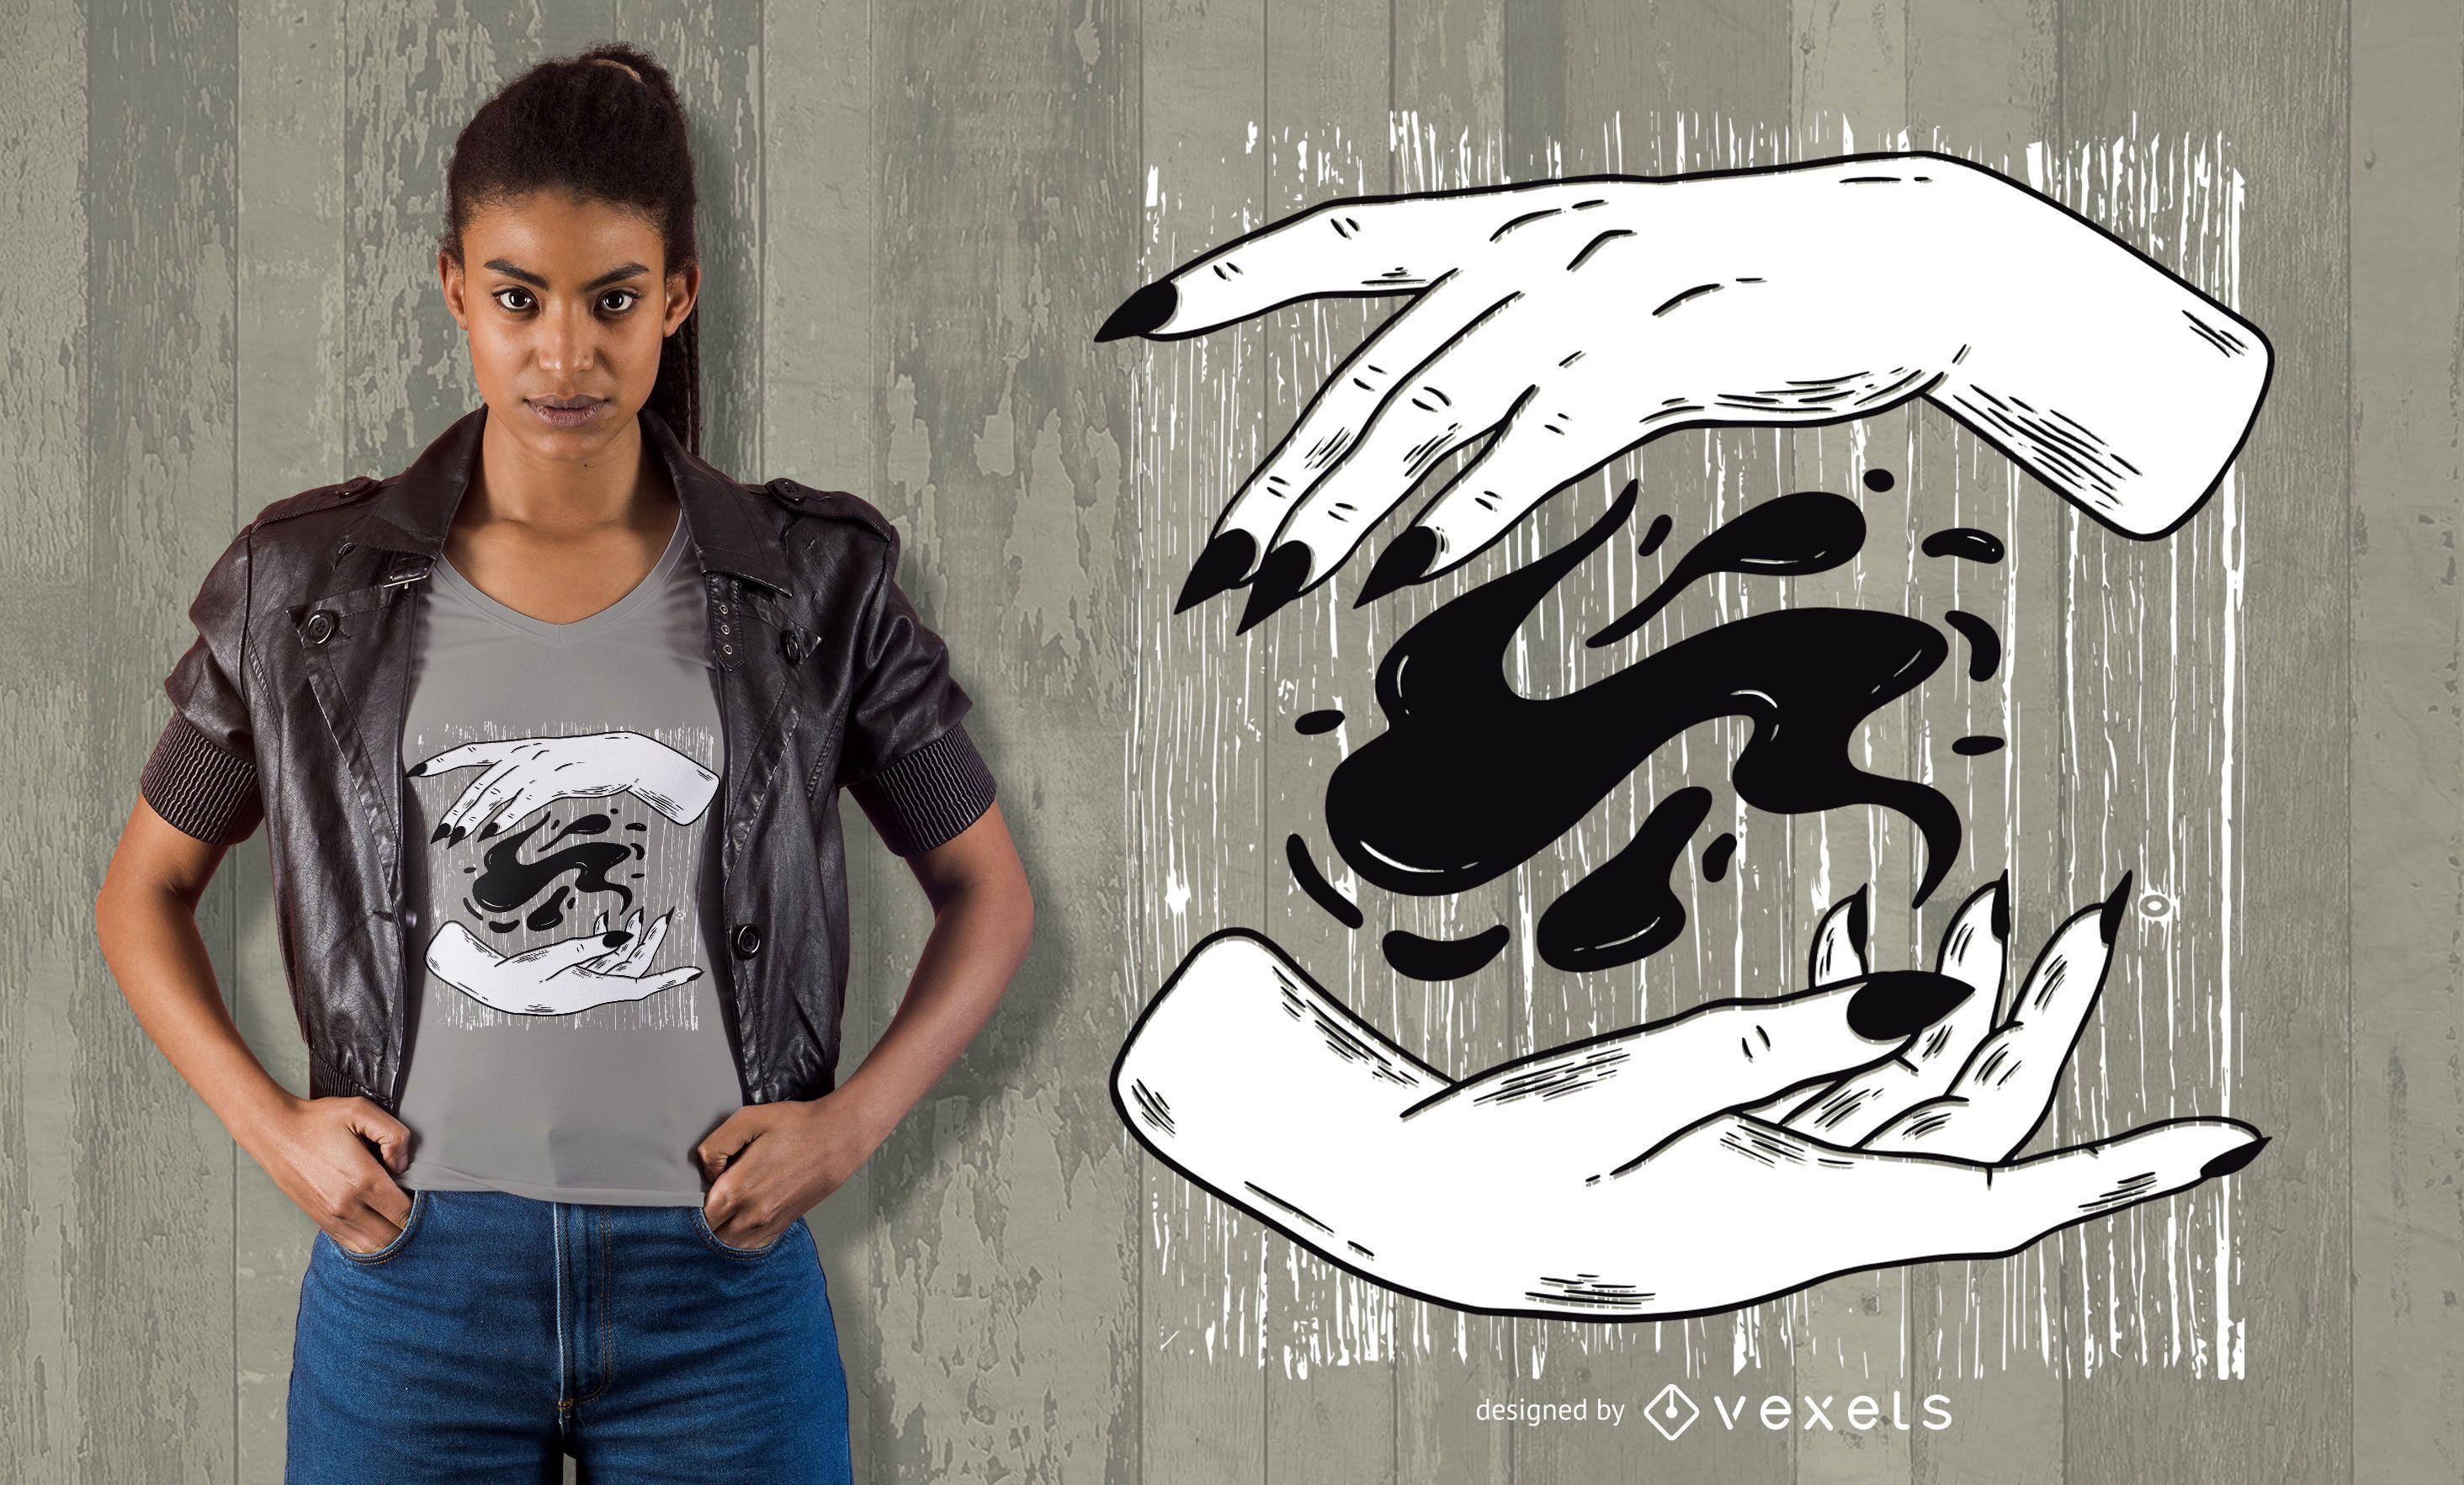 Witch Hands T-shirt Design